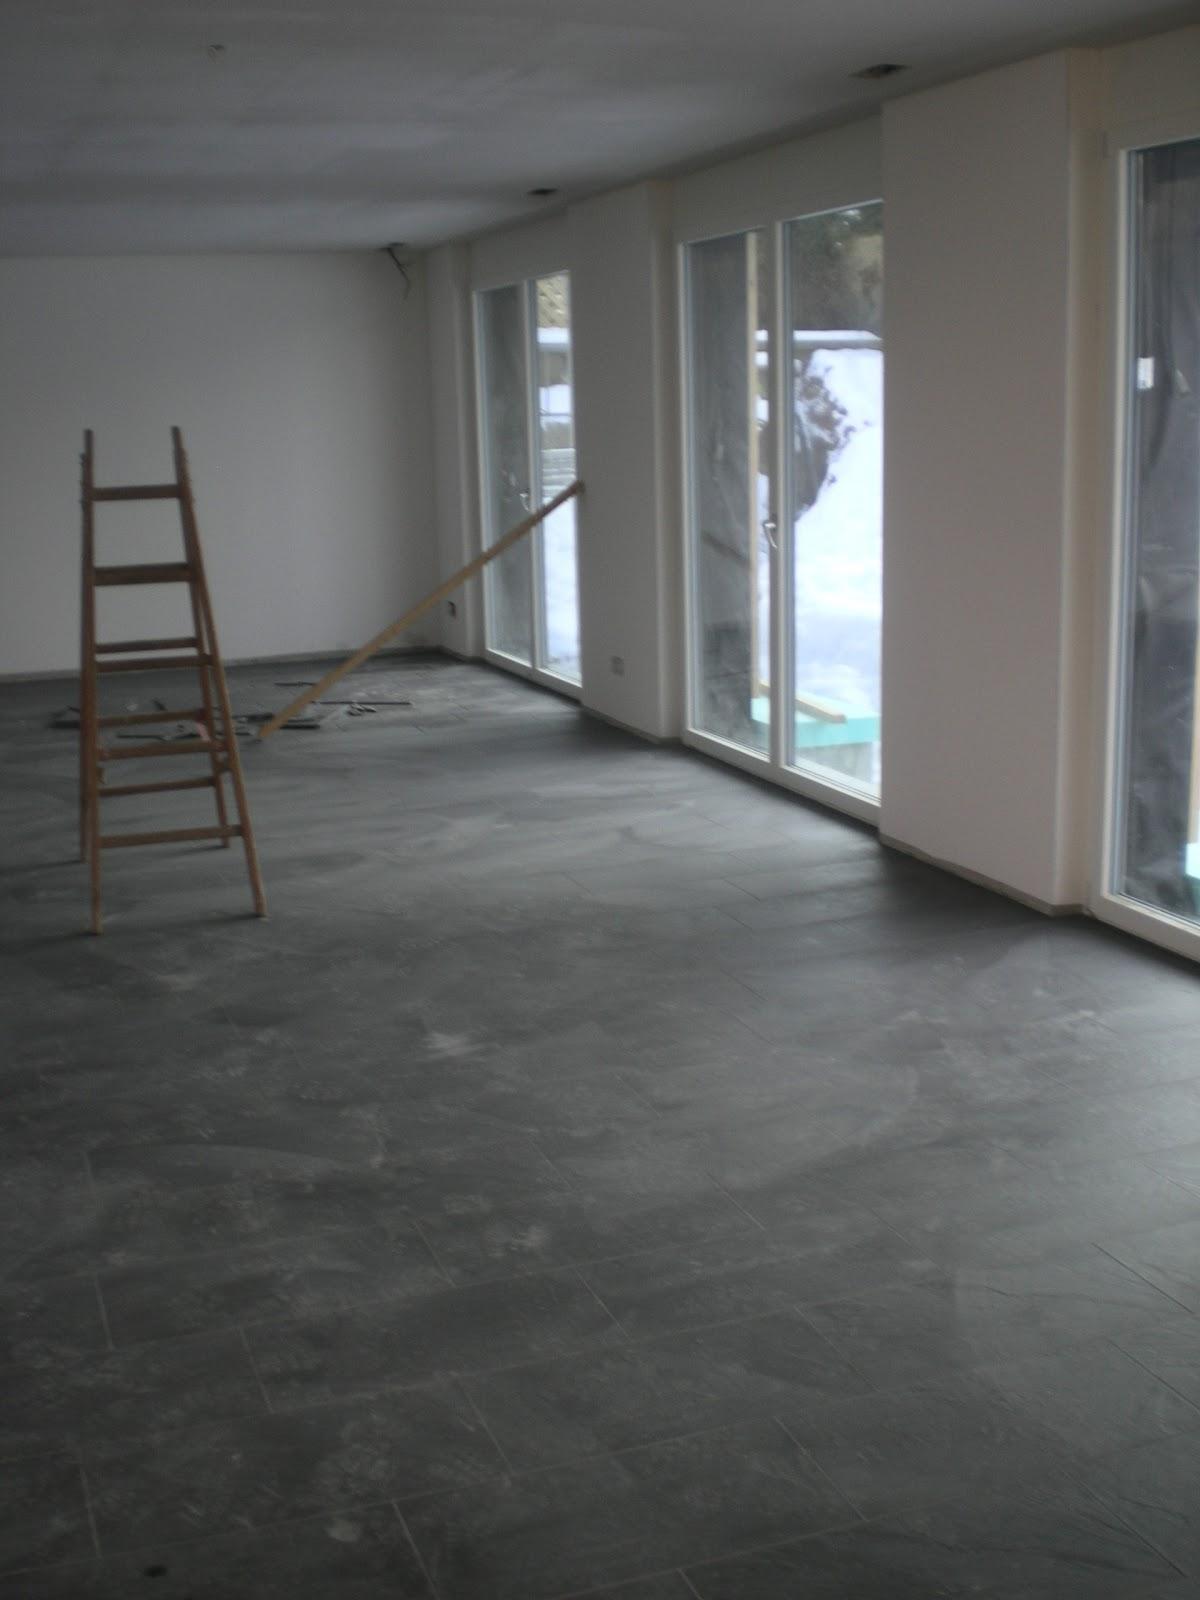 Wohnzimmer Boden Wandfarbe Schlafzimmer Dunkler Boden